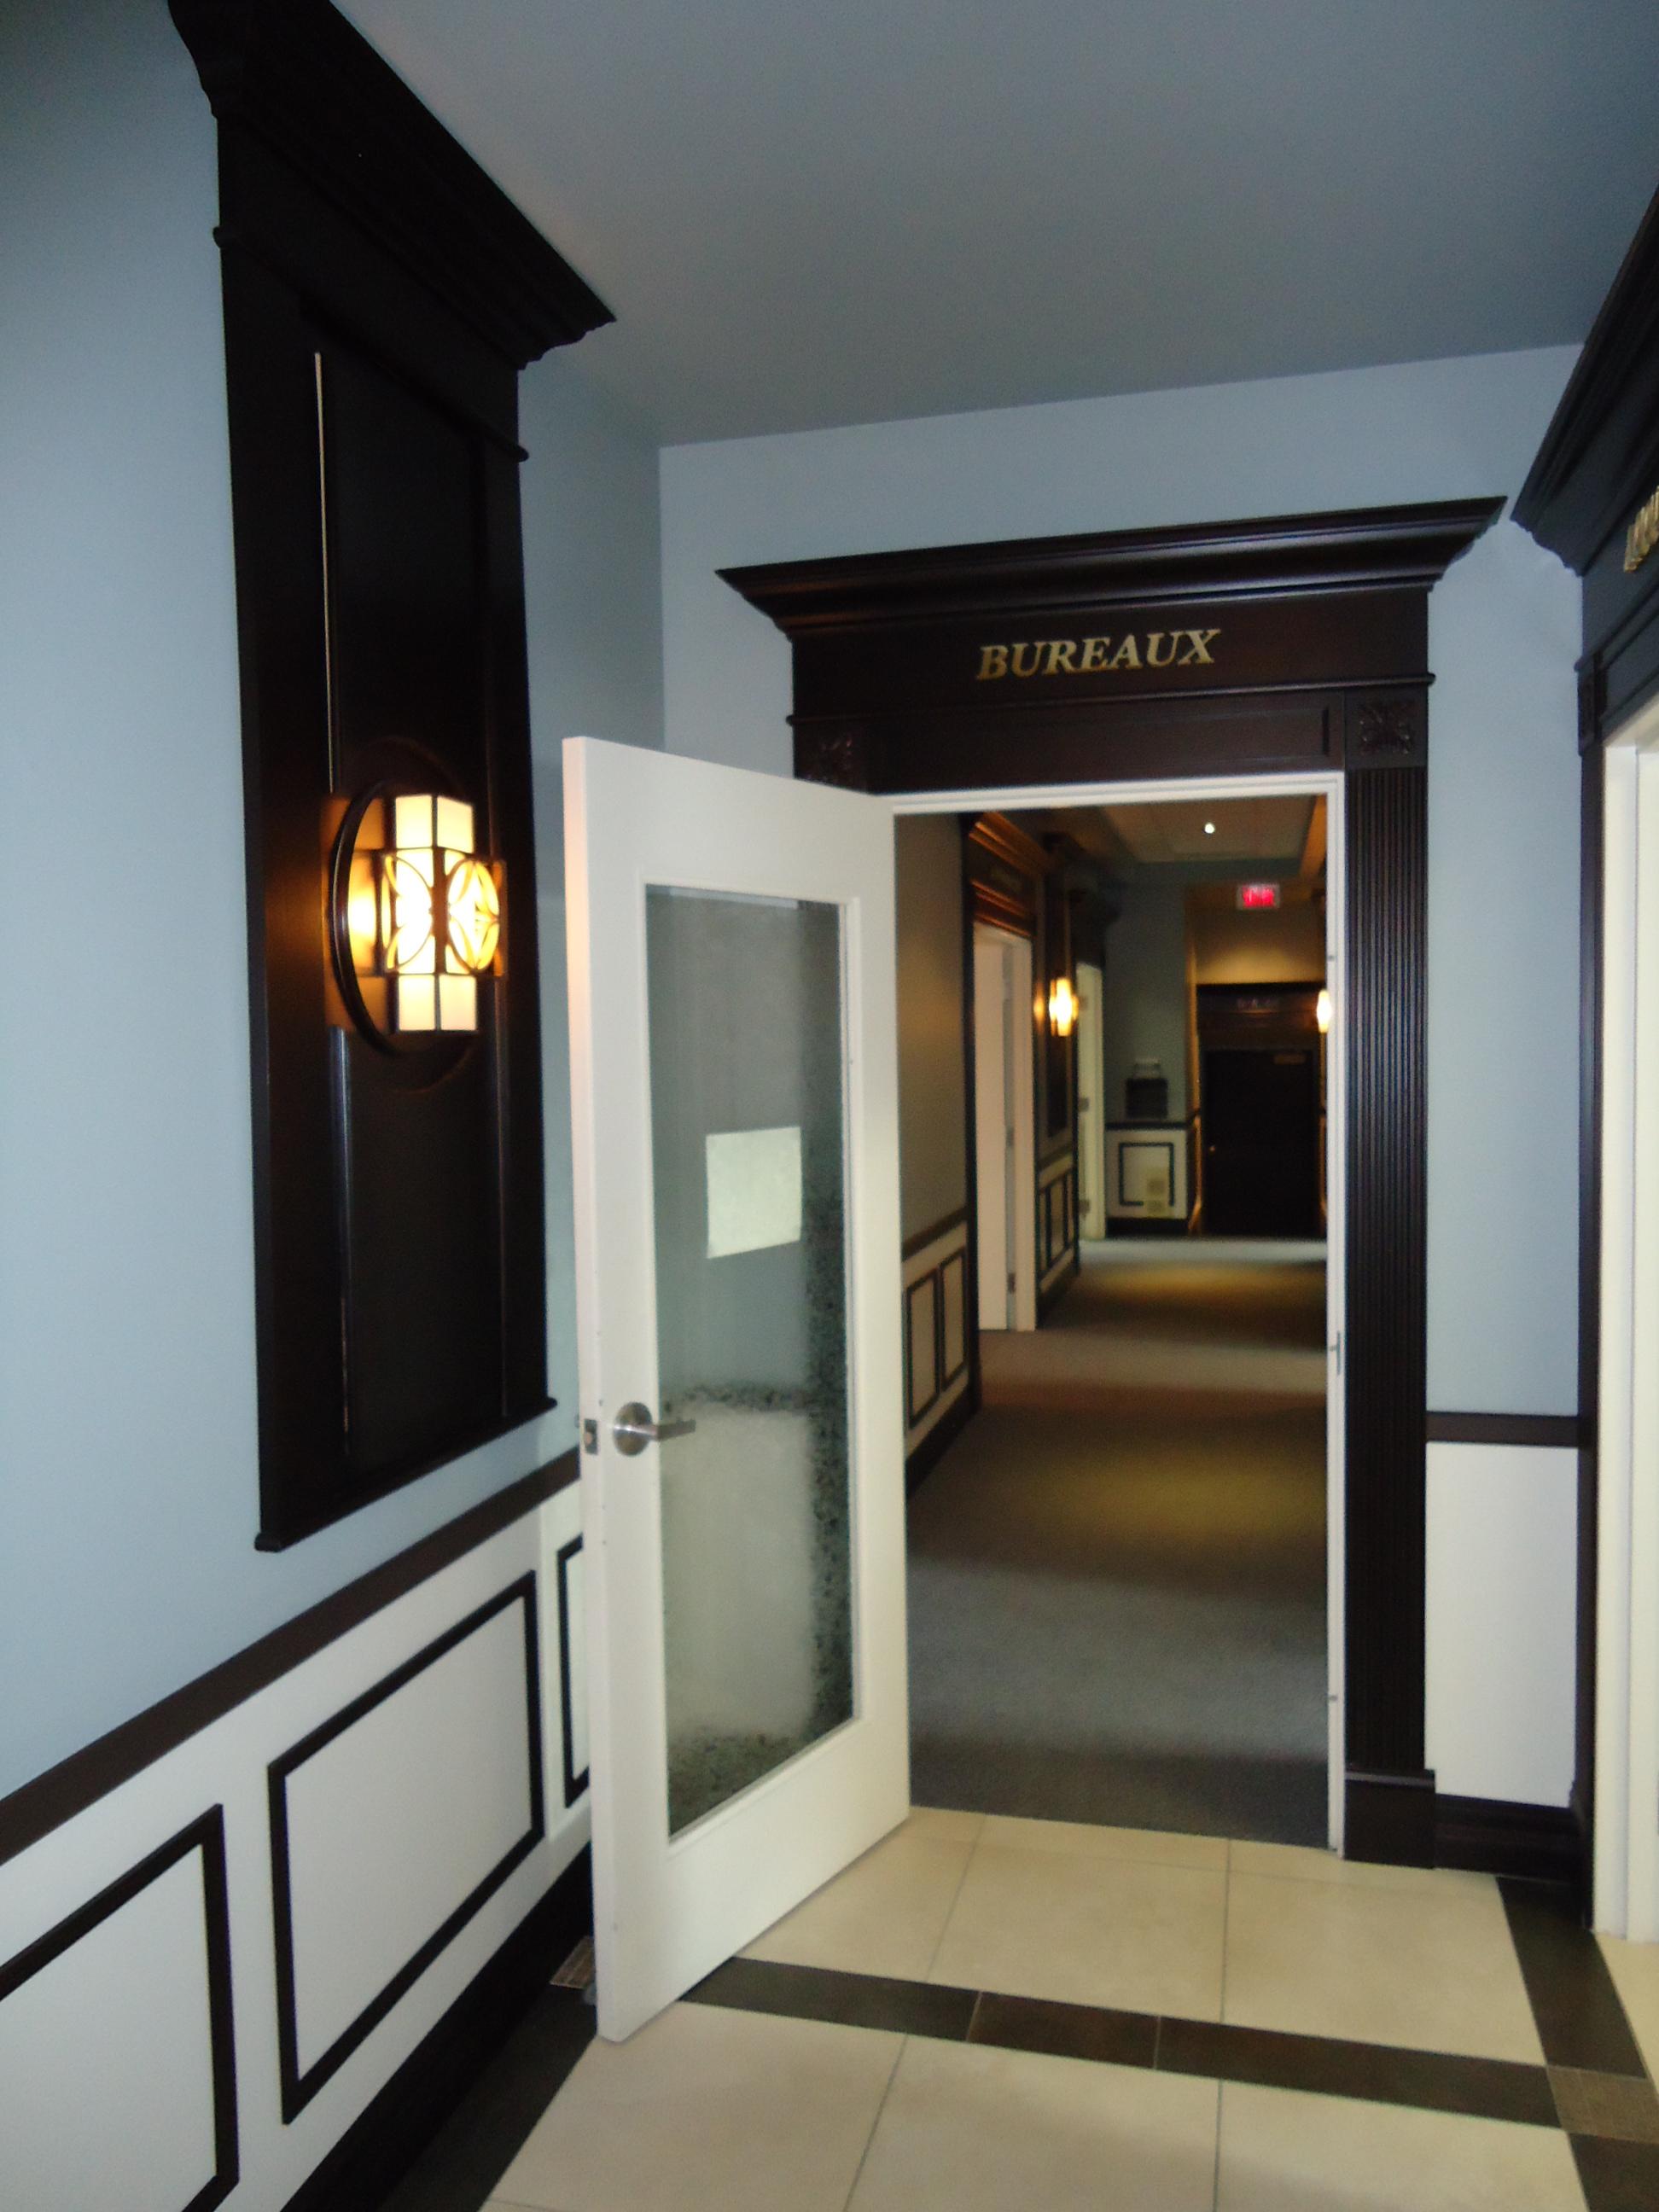 211,14-corridor bureaux (1).JPG